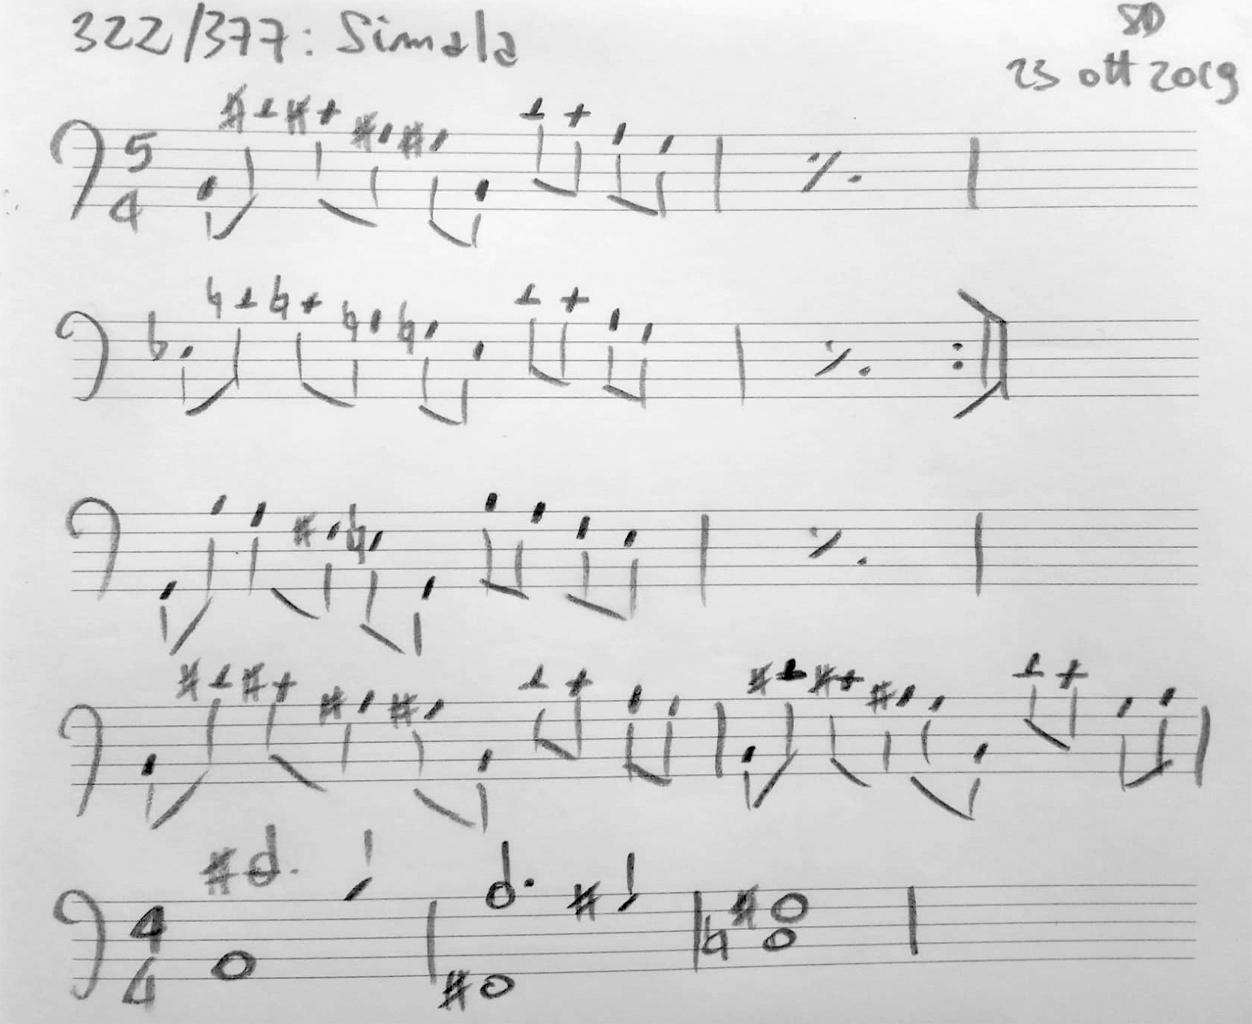 322-Simala-score